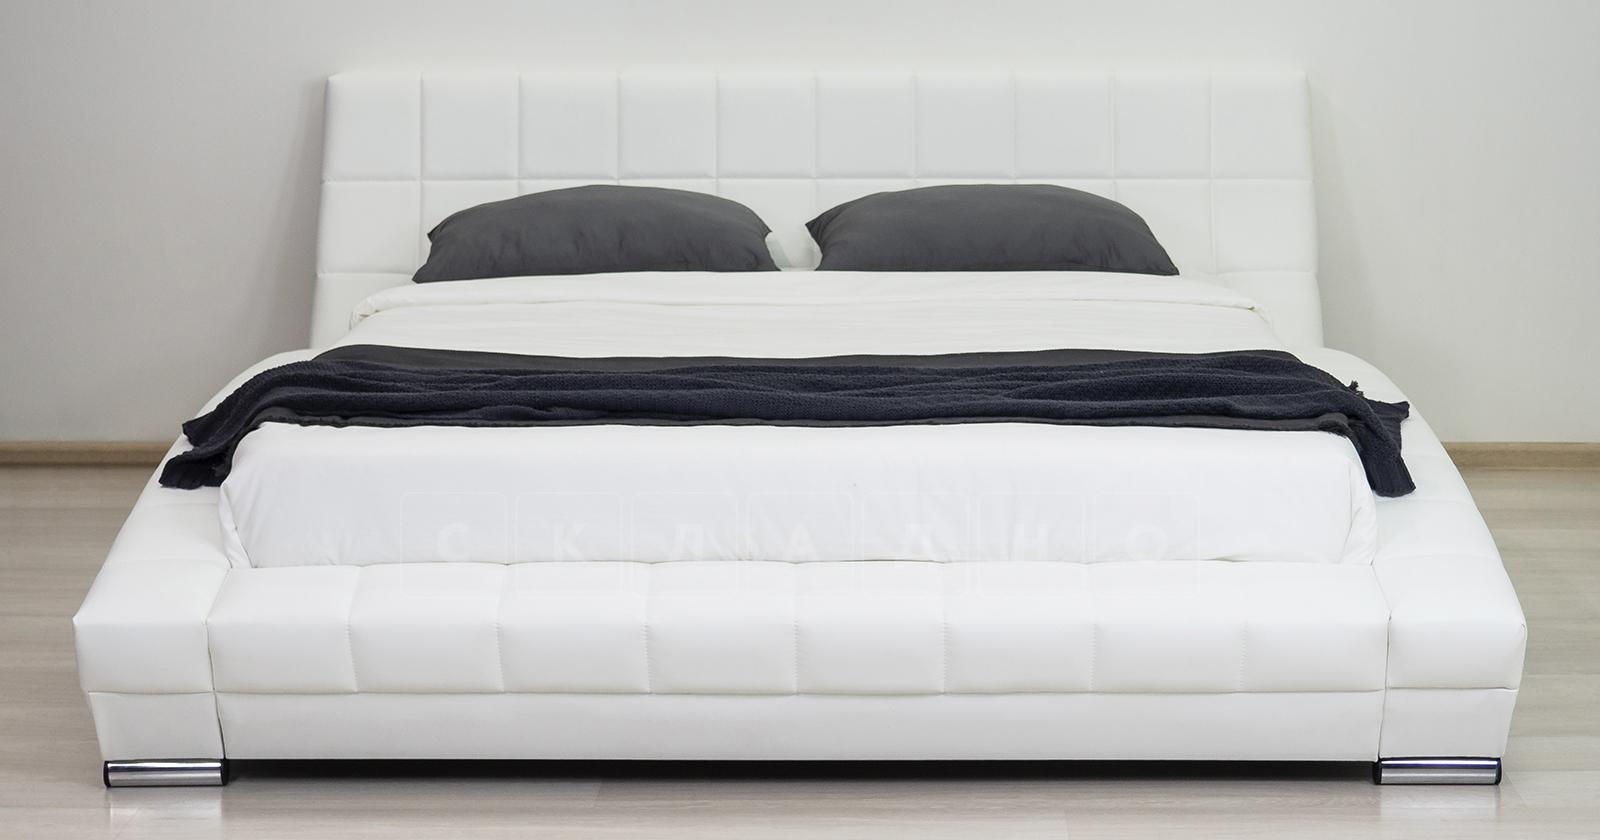 Мягкая кровать Оливия 160 см экокожа белый фото 8 | интернет-магазин Складно